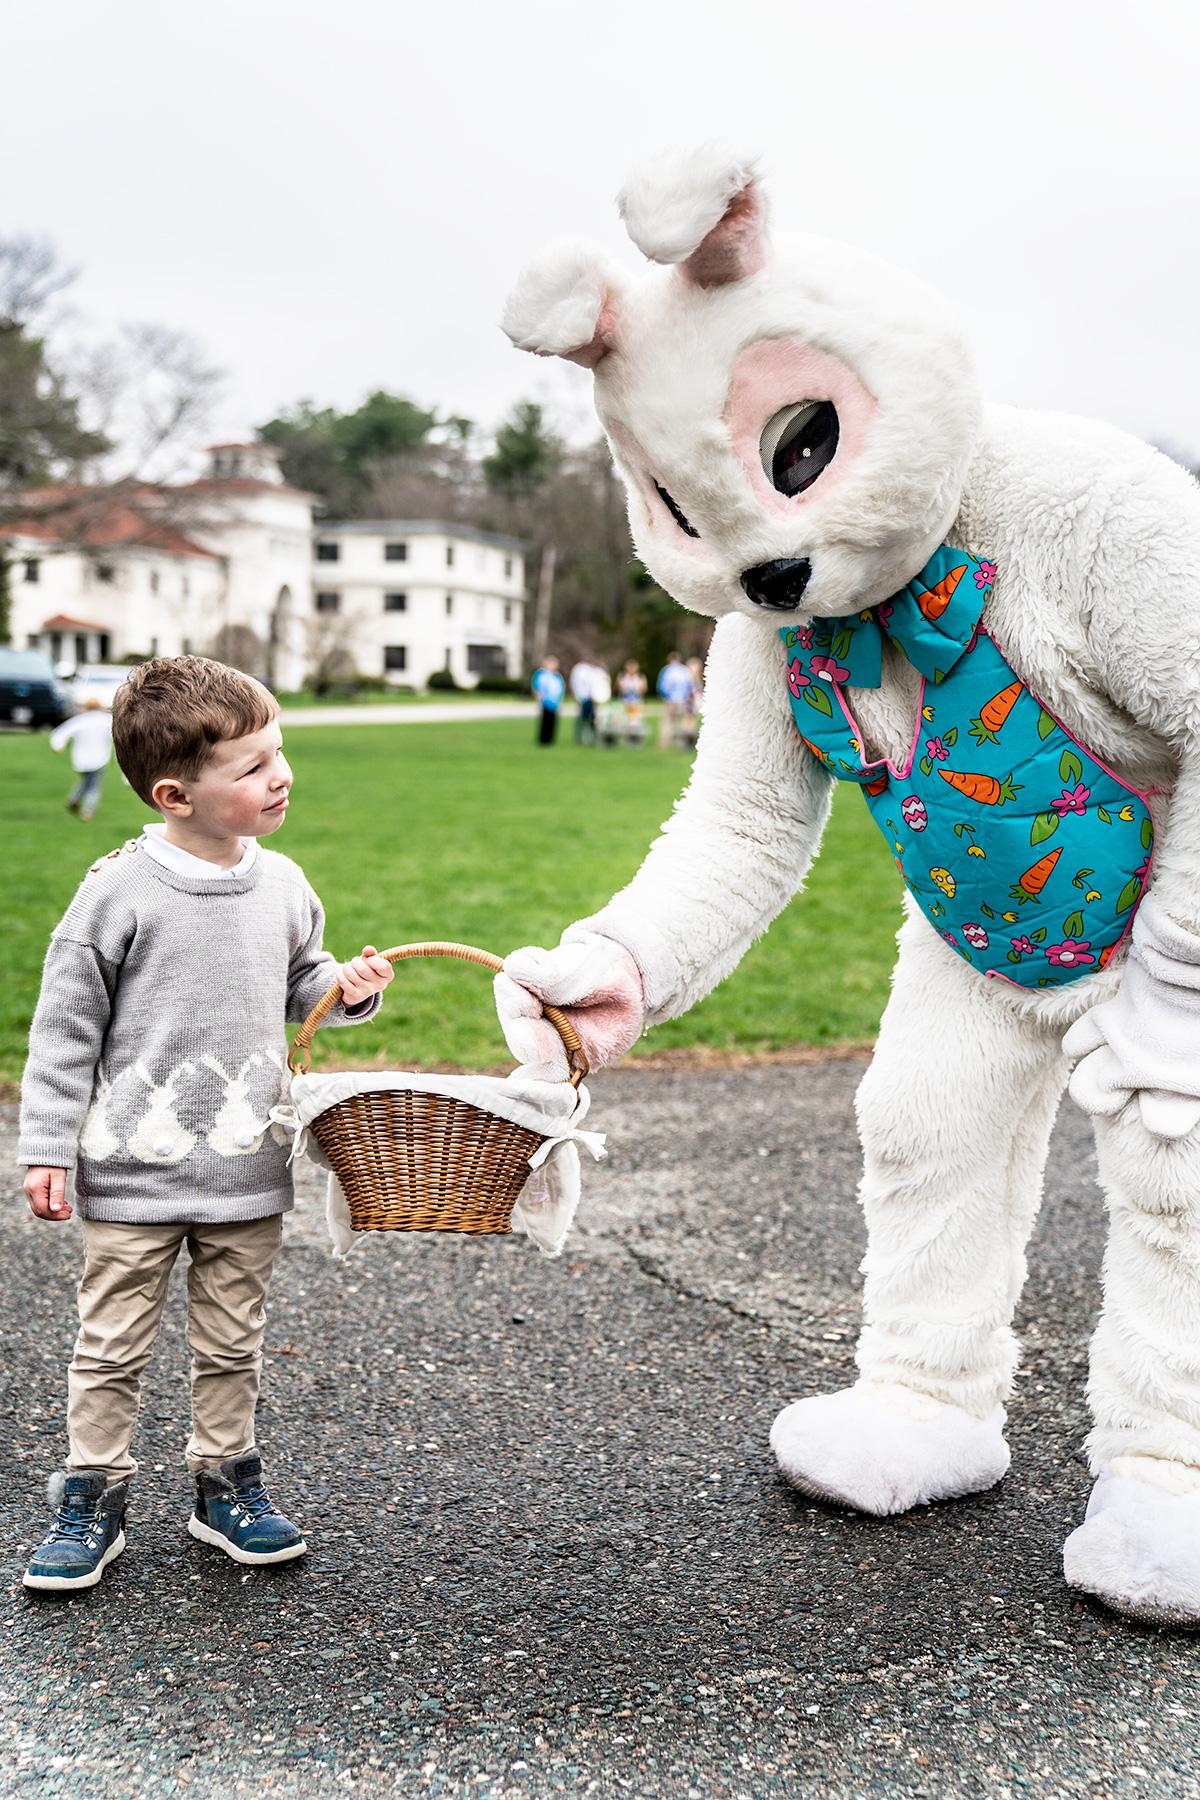 Tru-with-mister-bunny